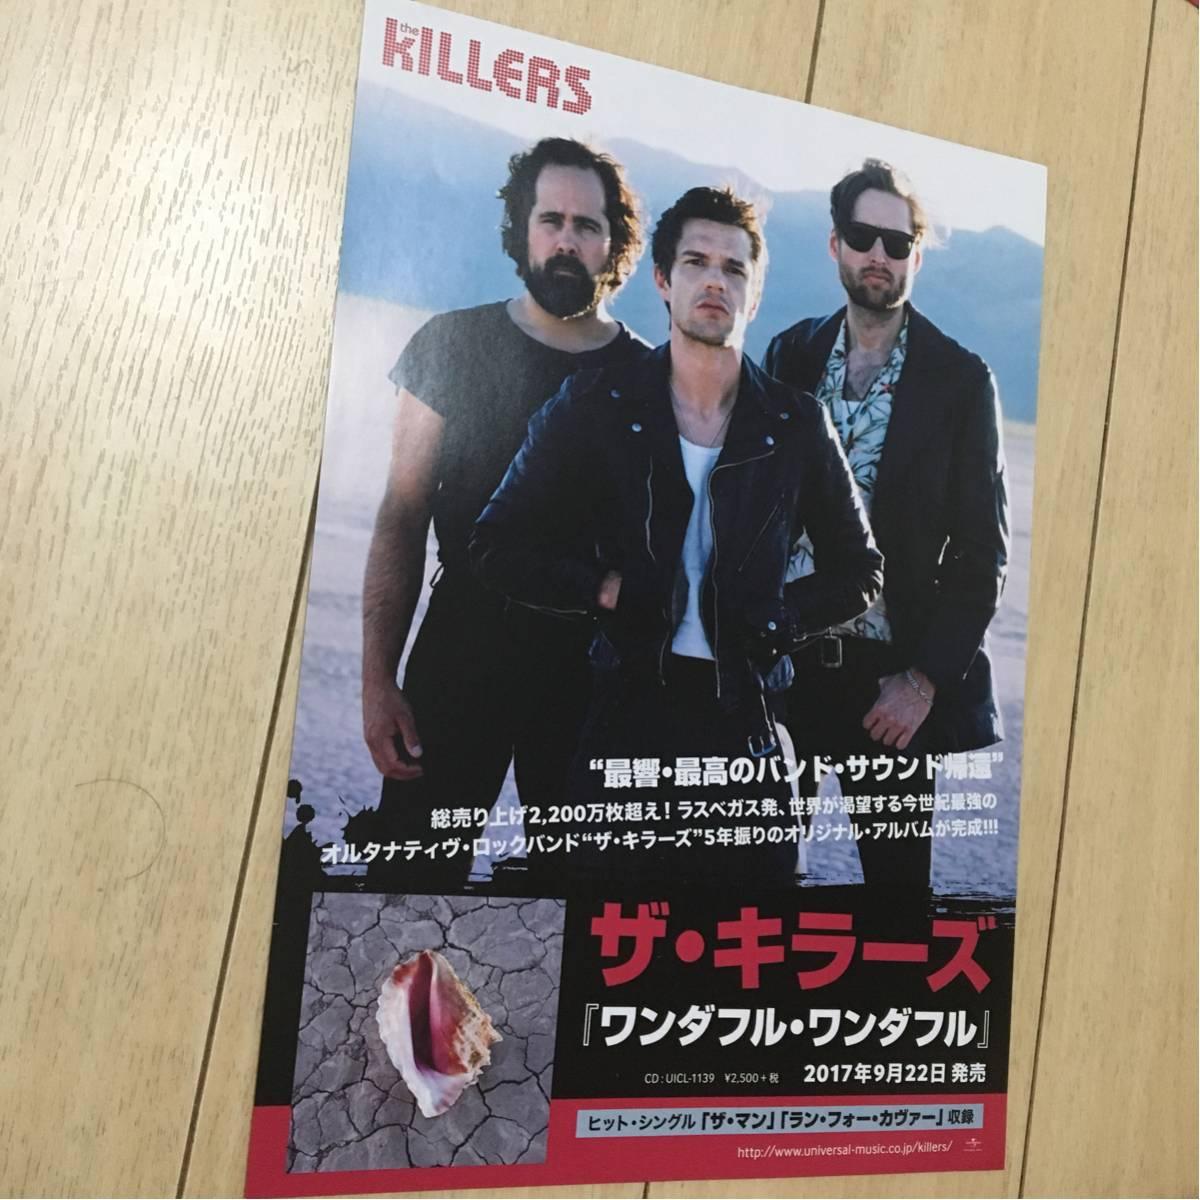 ザ・キラーズ the killers cd 発売 告知 チラシ ワンダフル・ワンダフル 2017 バンド オルタナティヴ 5年ぶり アルバム